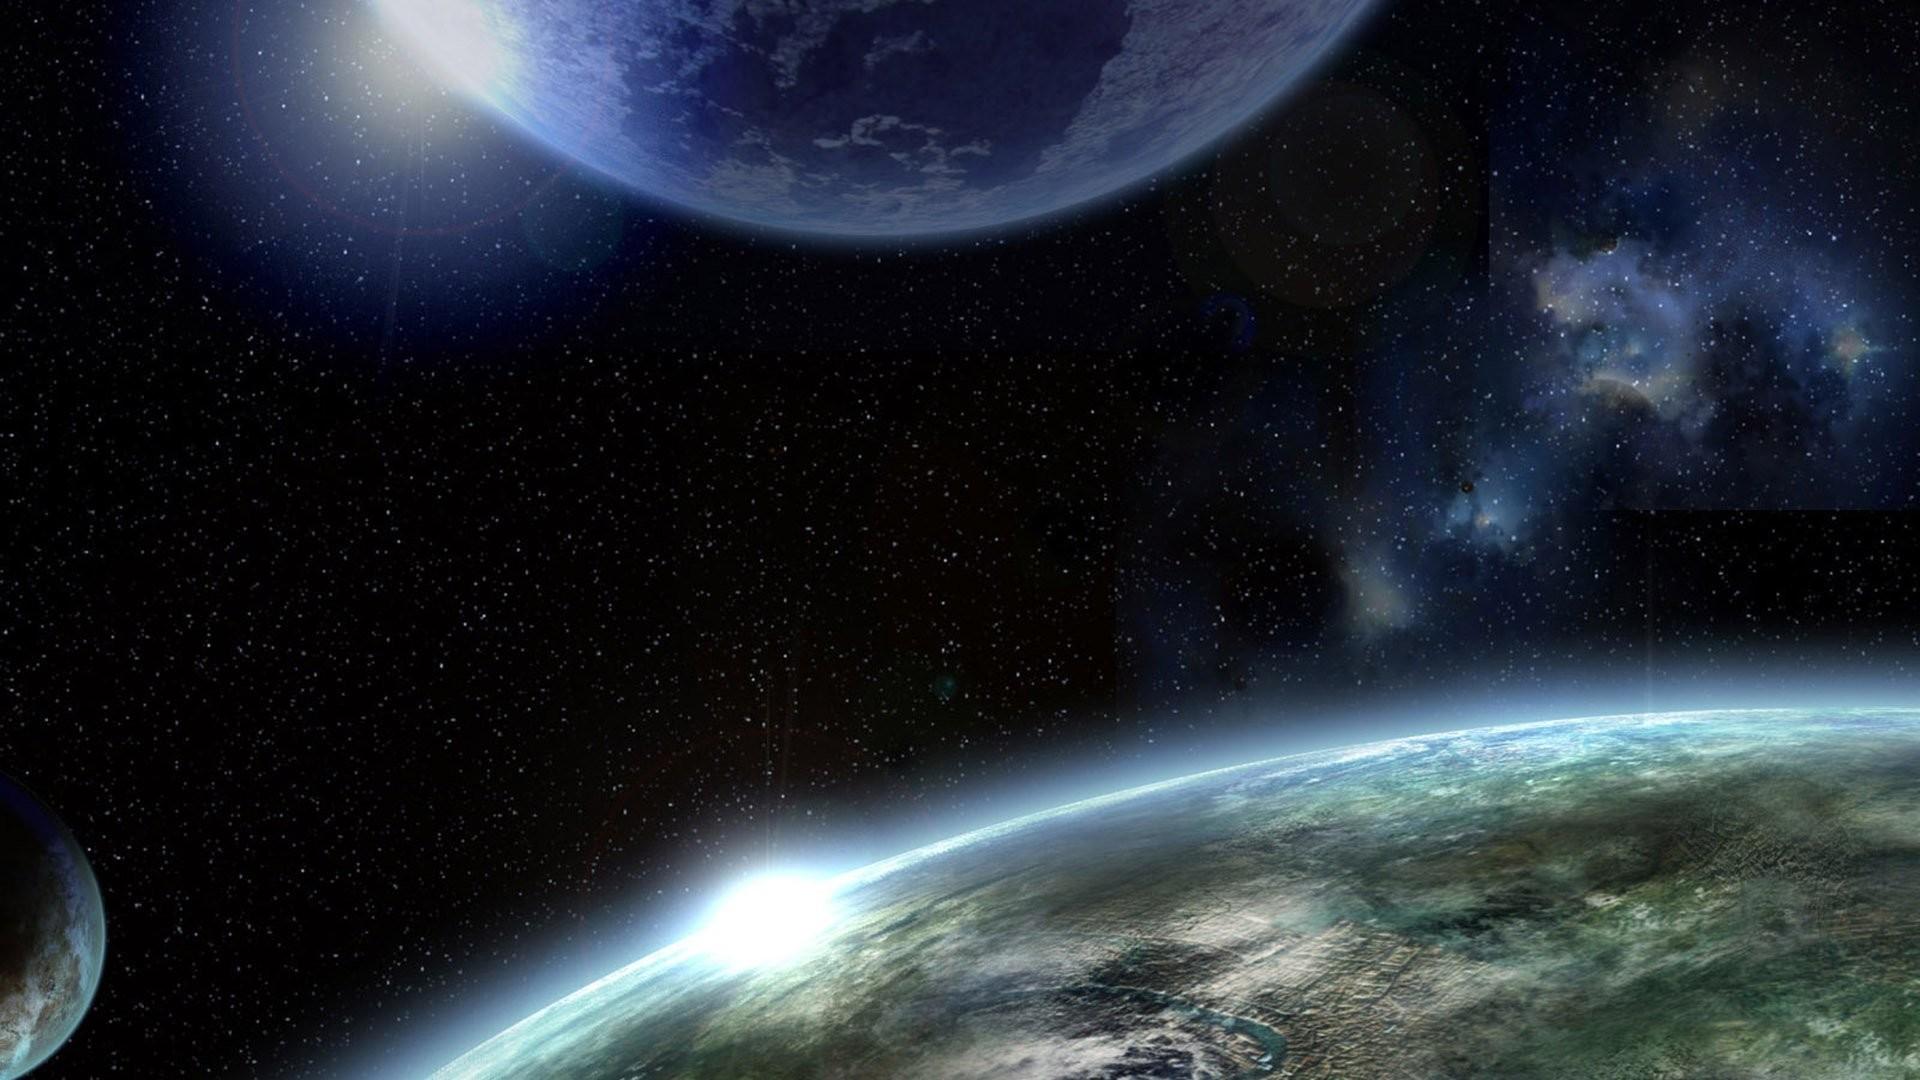 3D Universe Wallpaper 304272